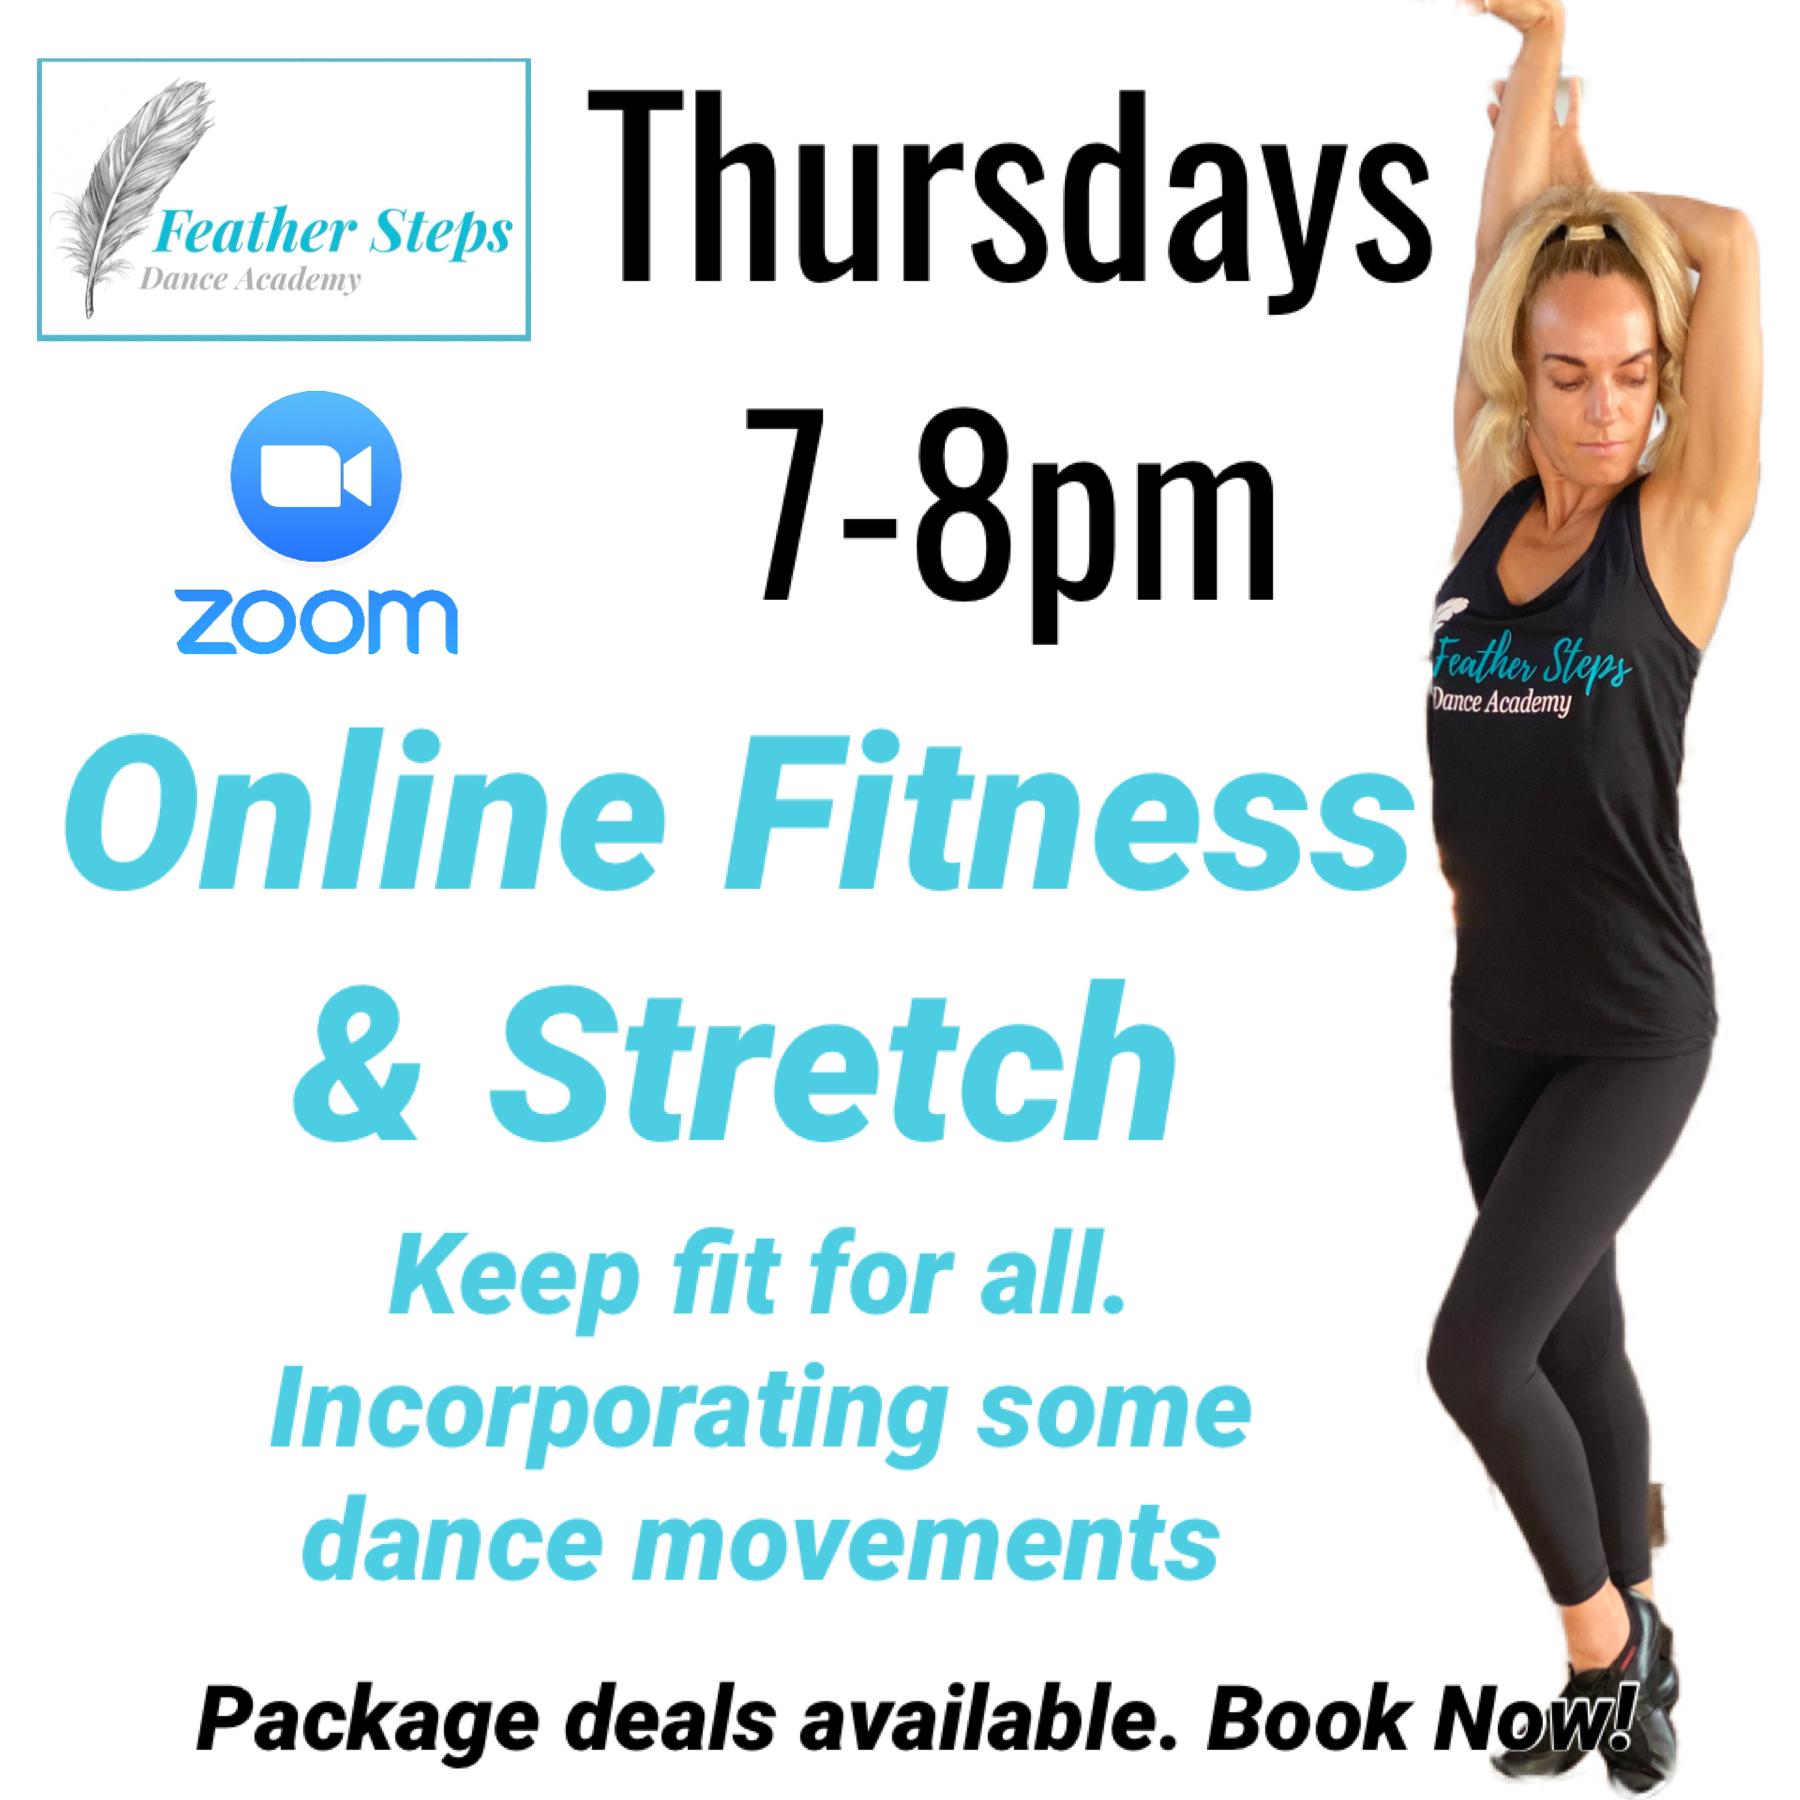 Fitness & Stretch Class